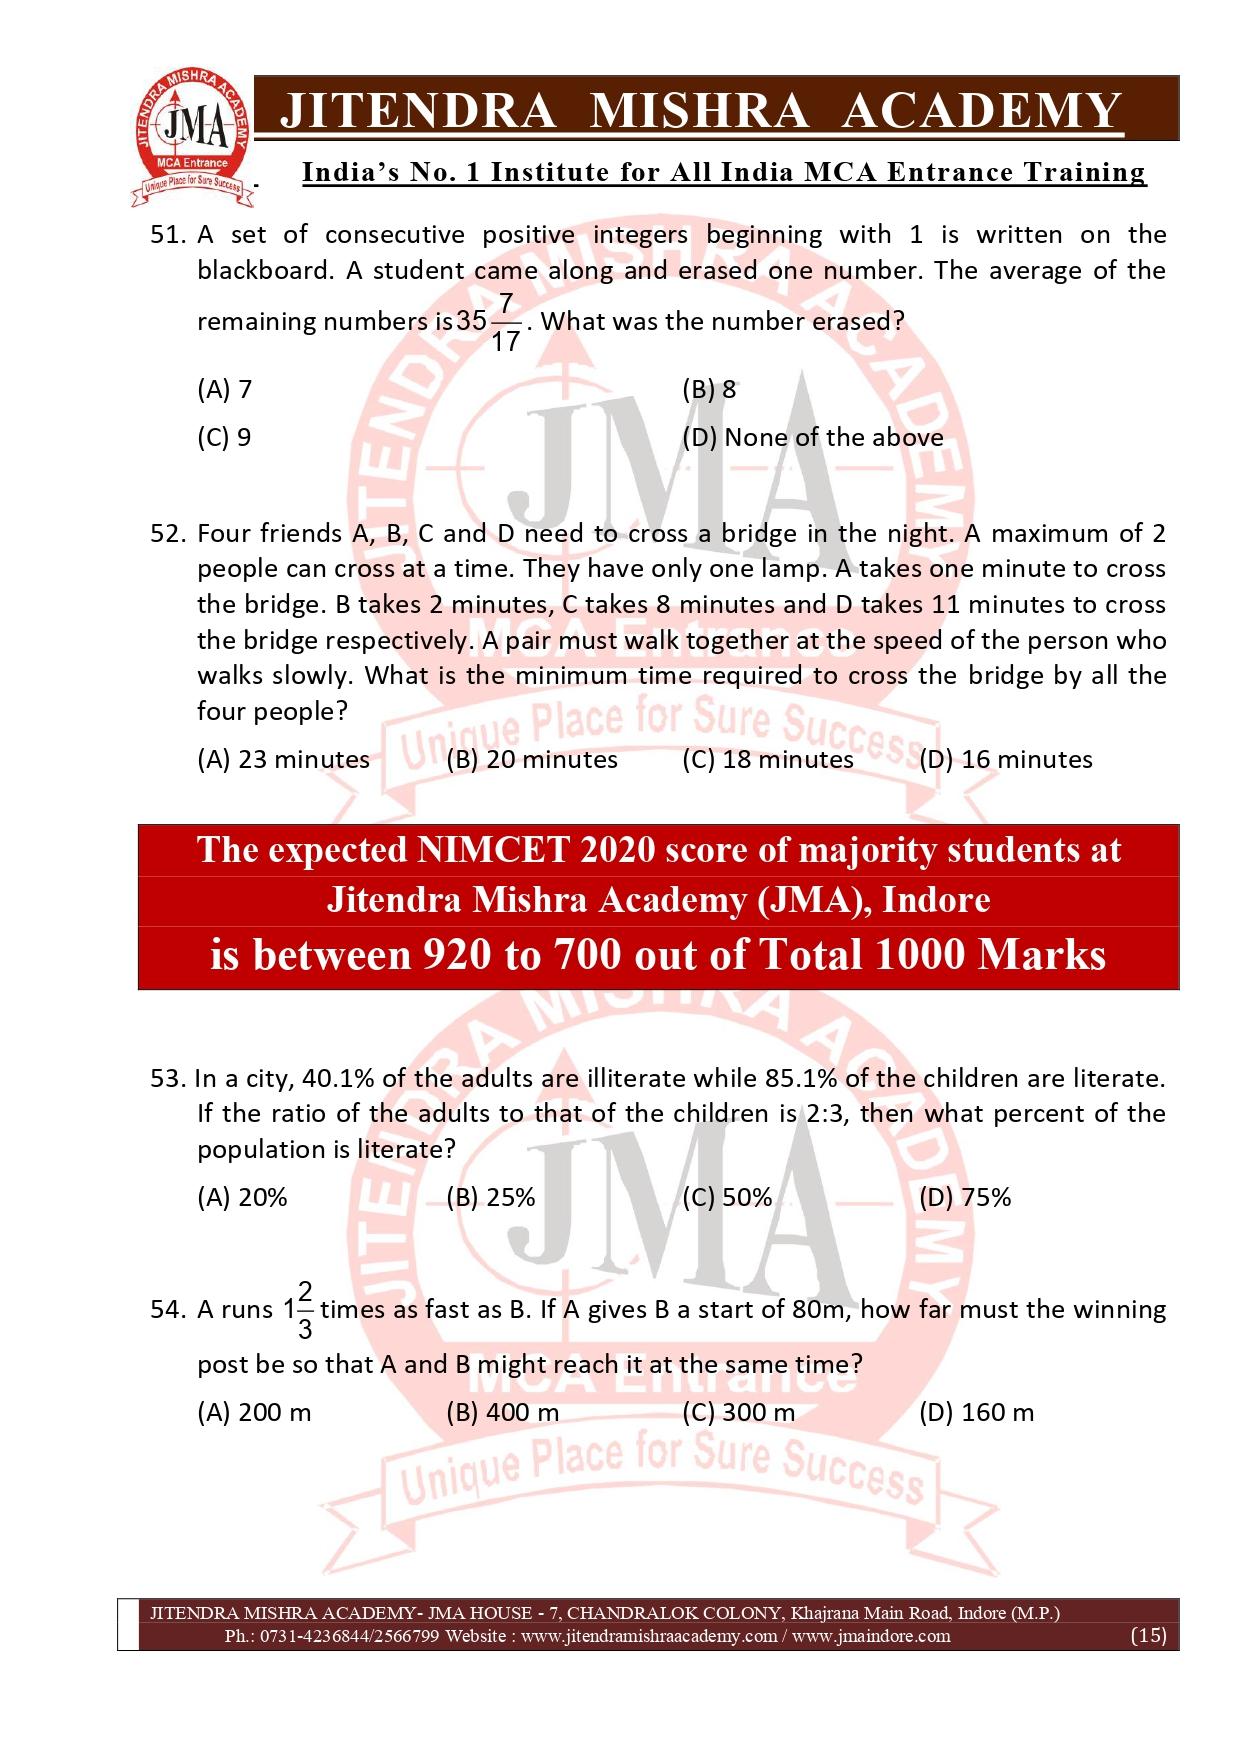 NIMCET 2020 QUESTION PAPER (FINAL)_page-0015